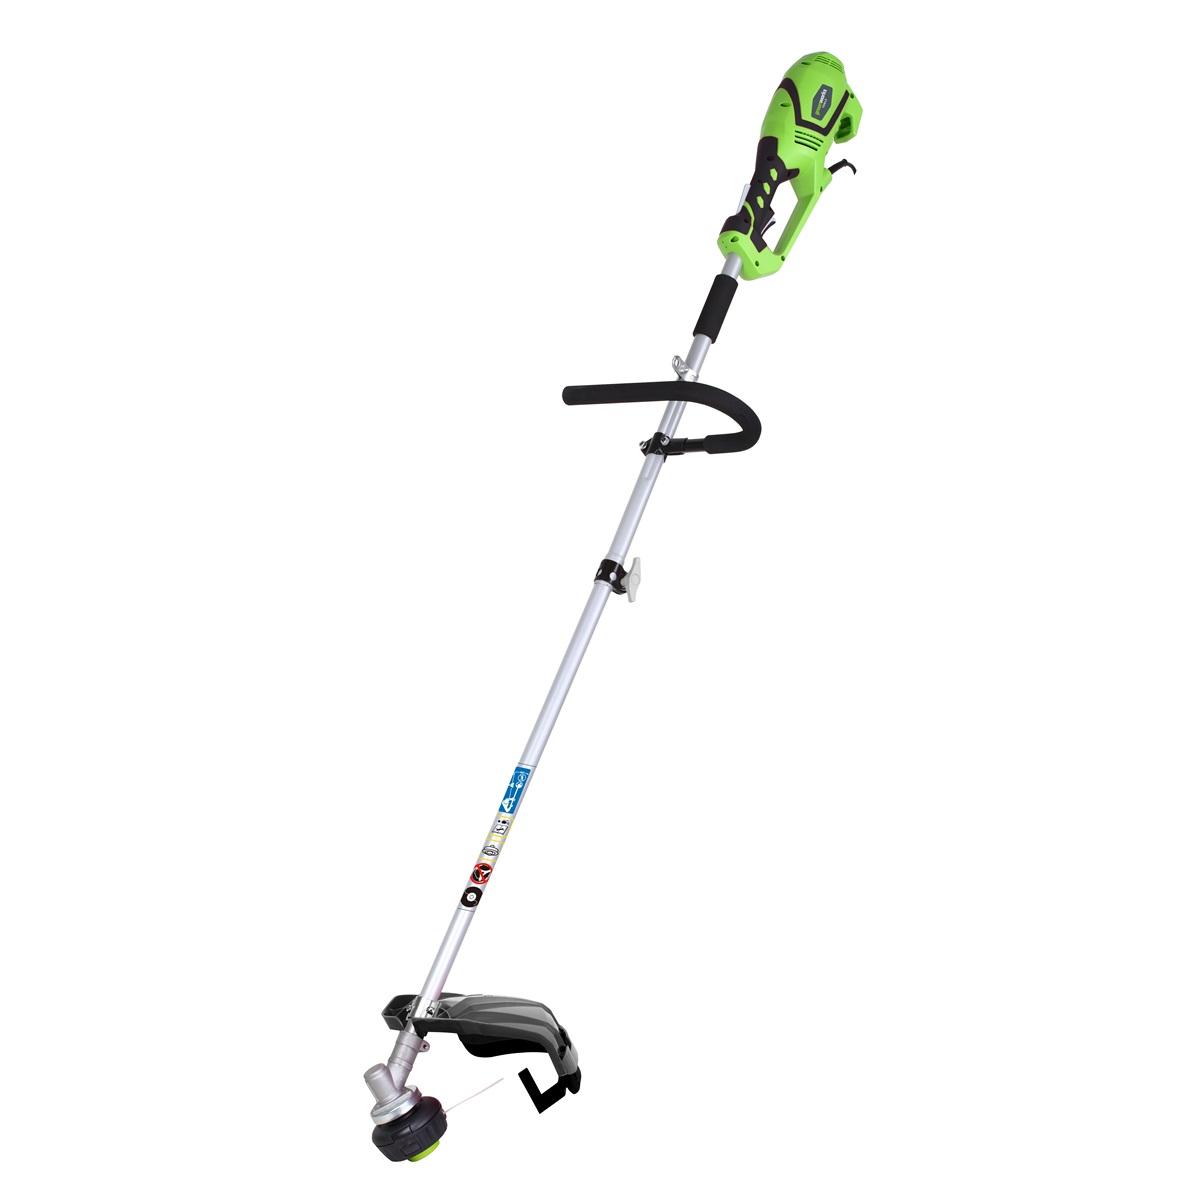 Greenworks GST1246